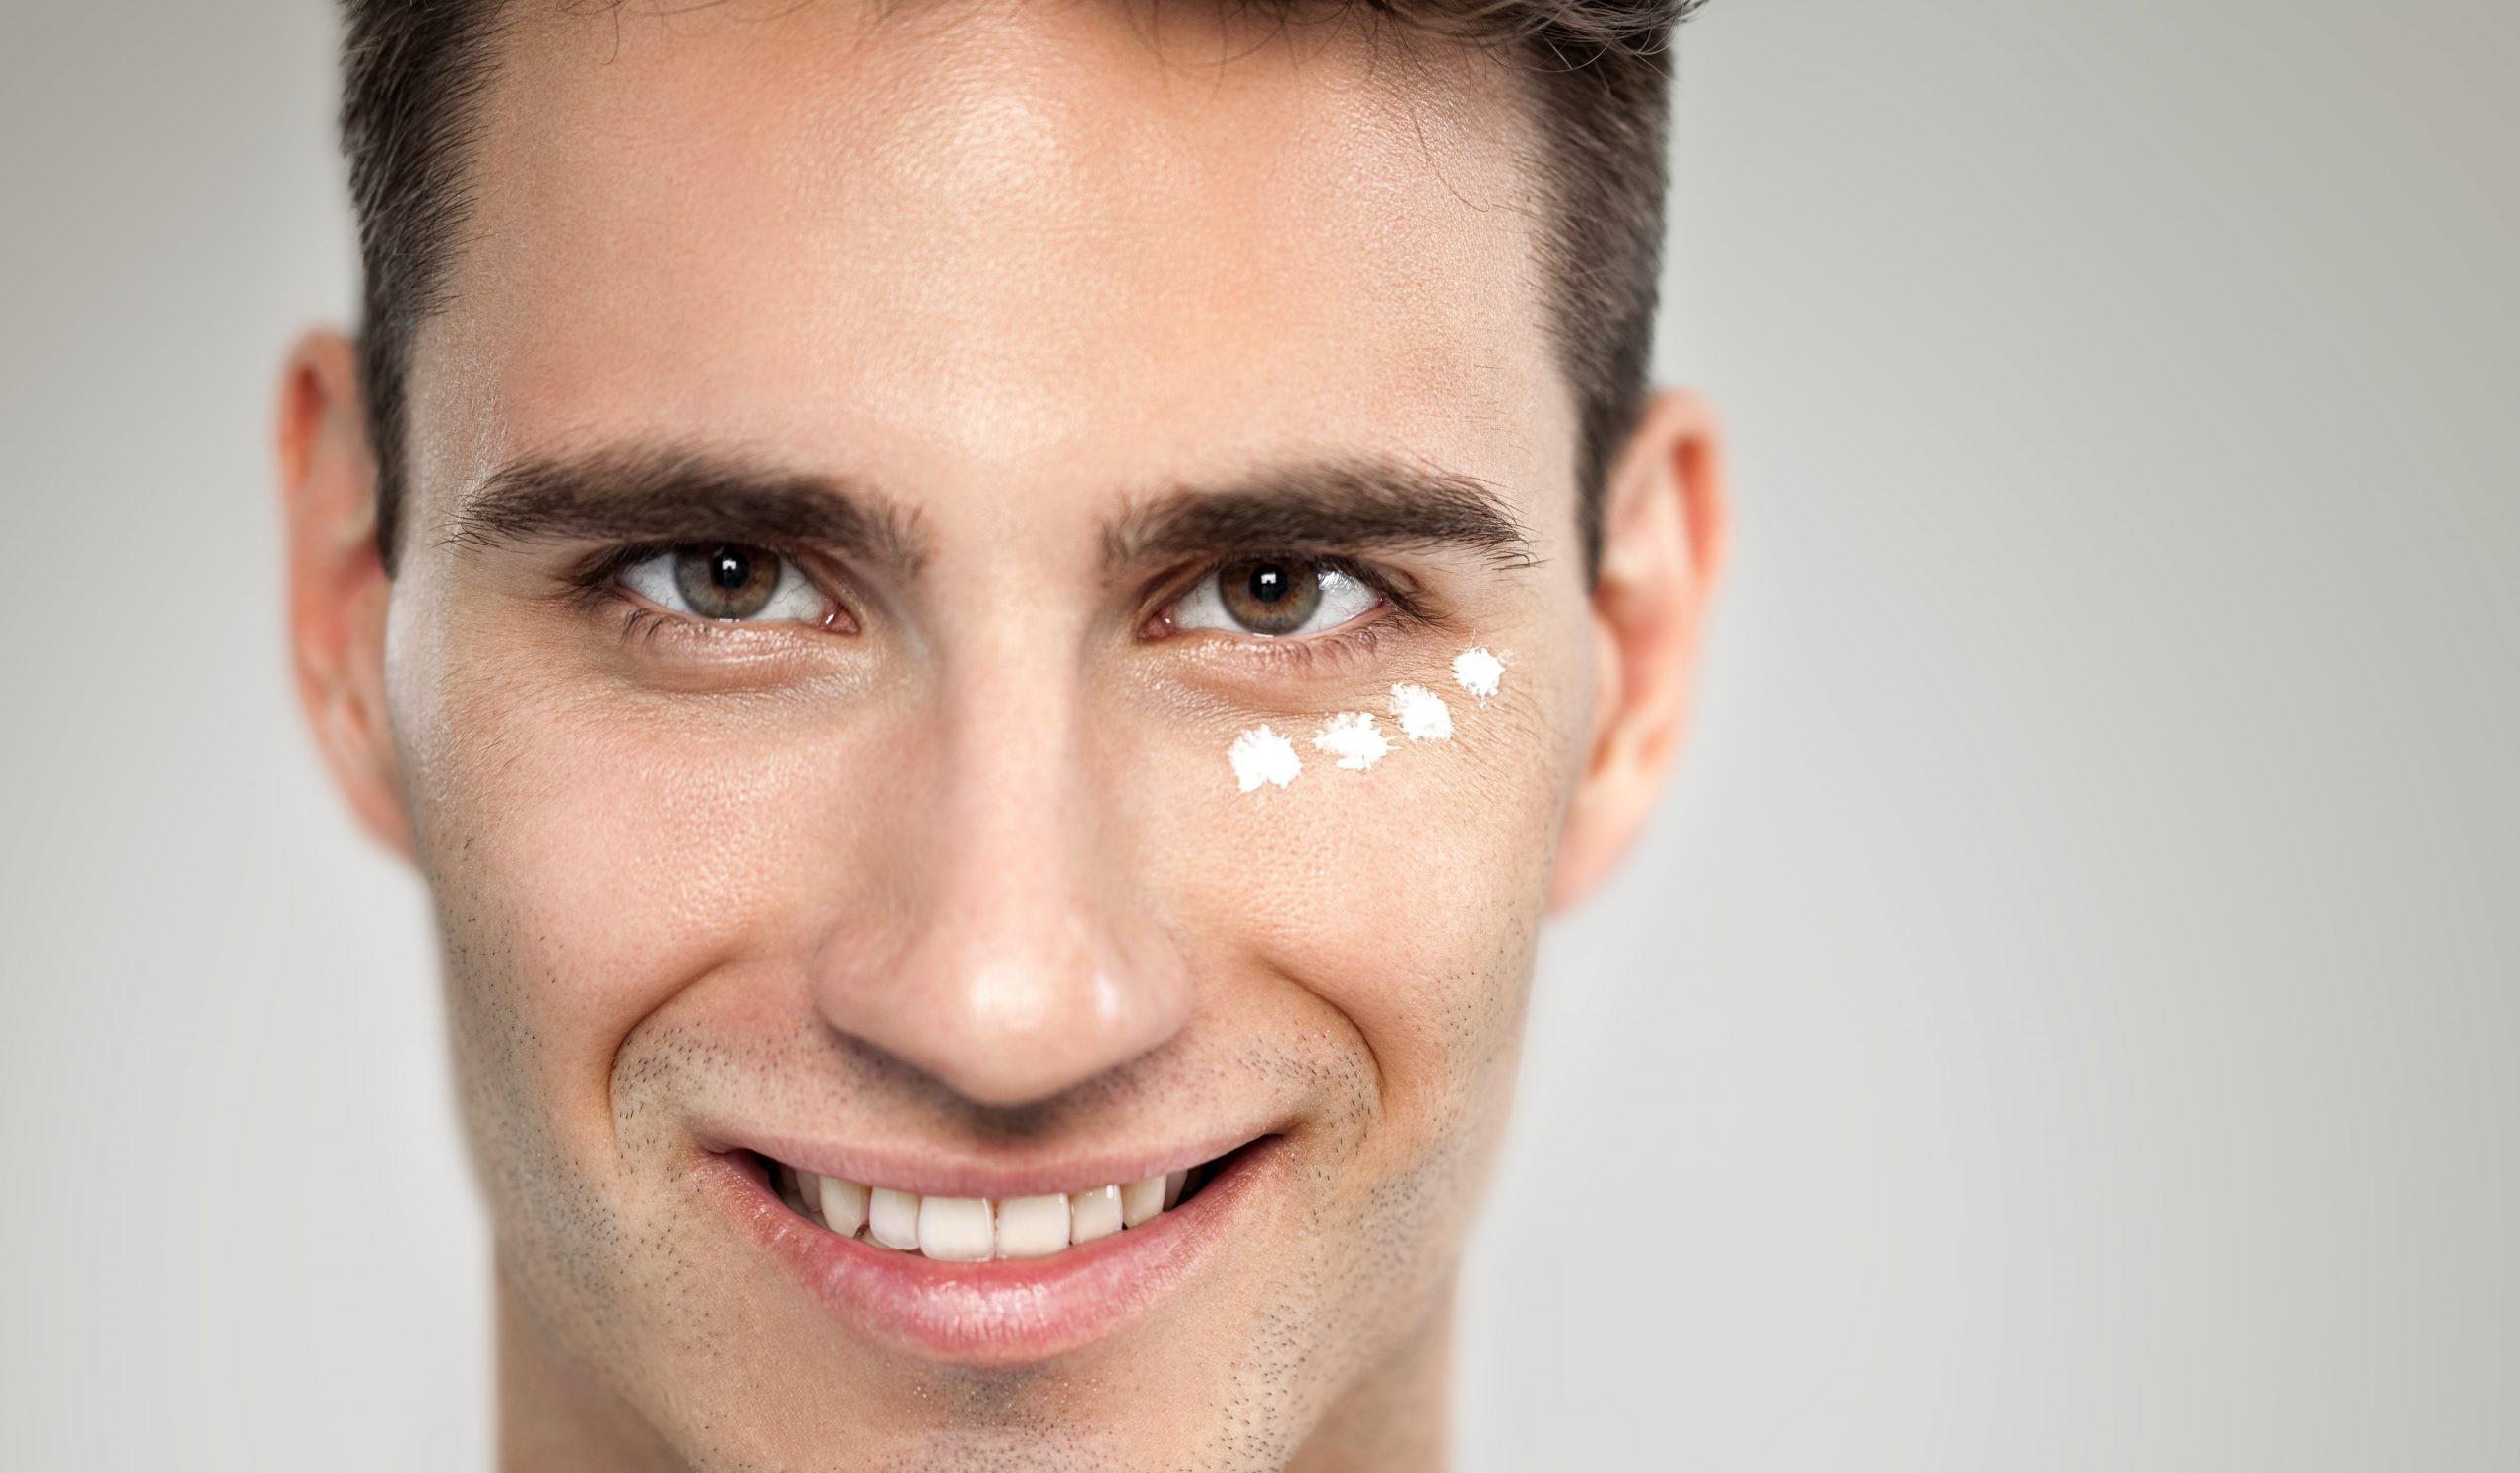 Da non perdere!! Nel cuore di Molassana! Pulizia viso completa+trattamento viso  a soli 19.90  euro anziché 60!